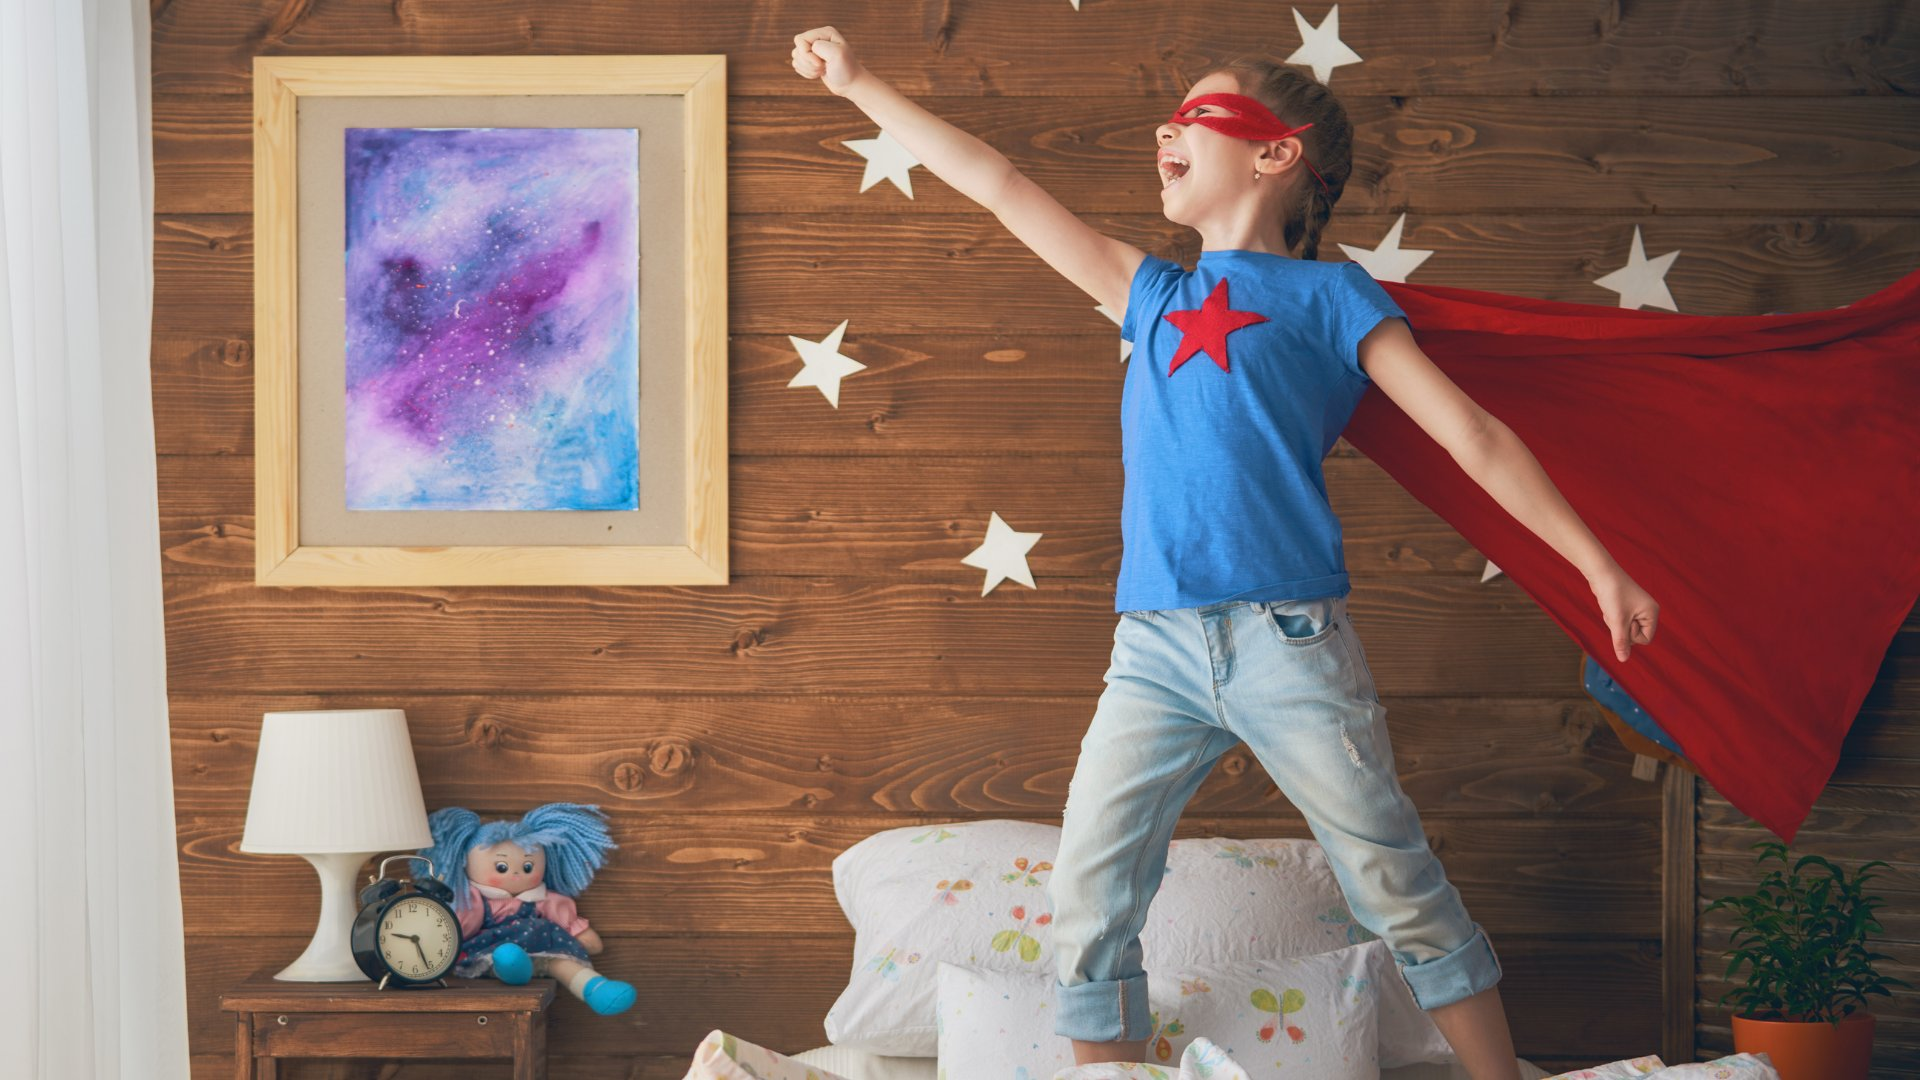 Criança brincando de super-herói no quarto